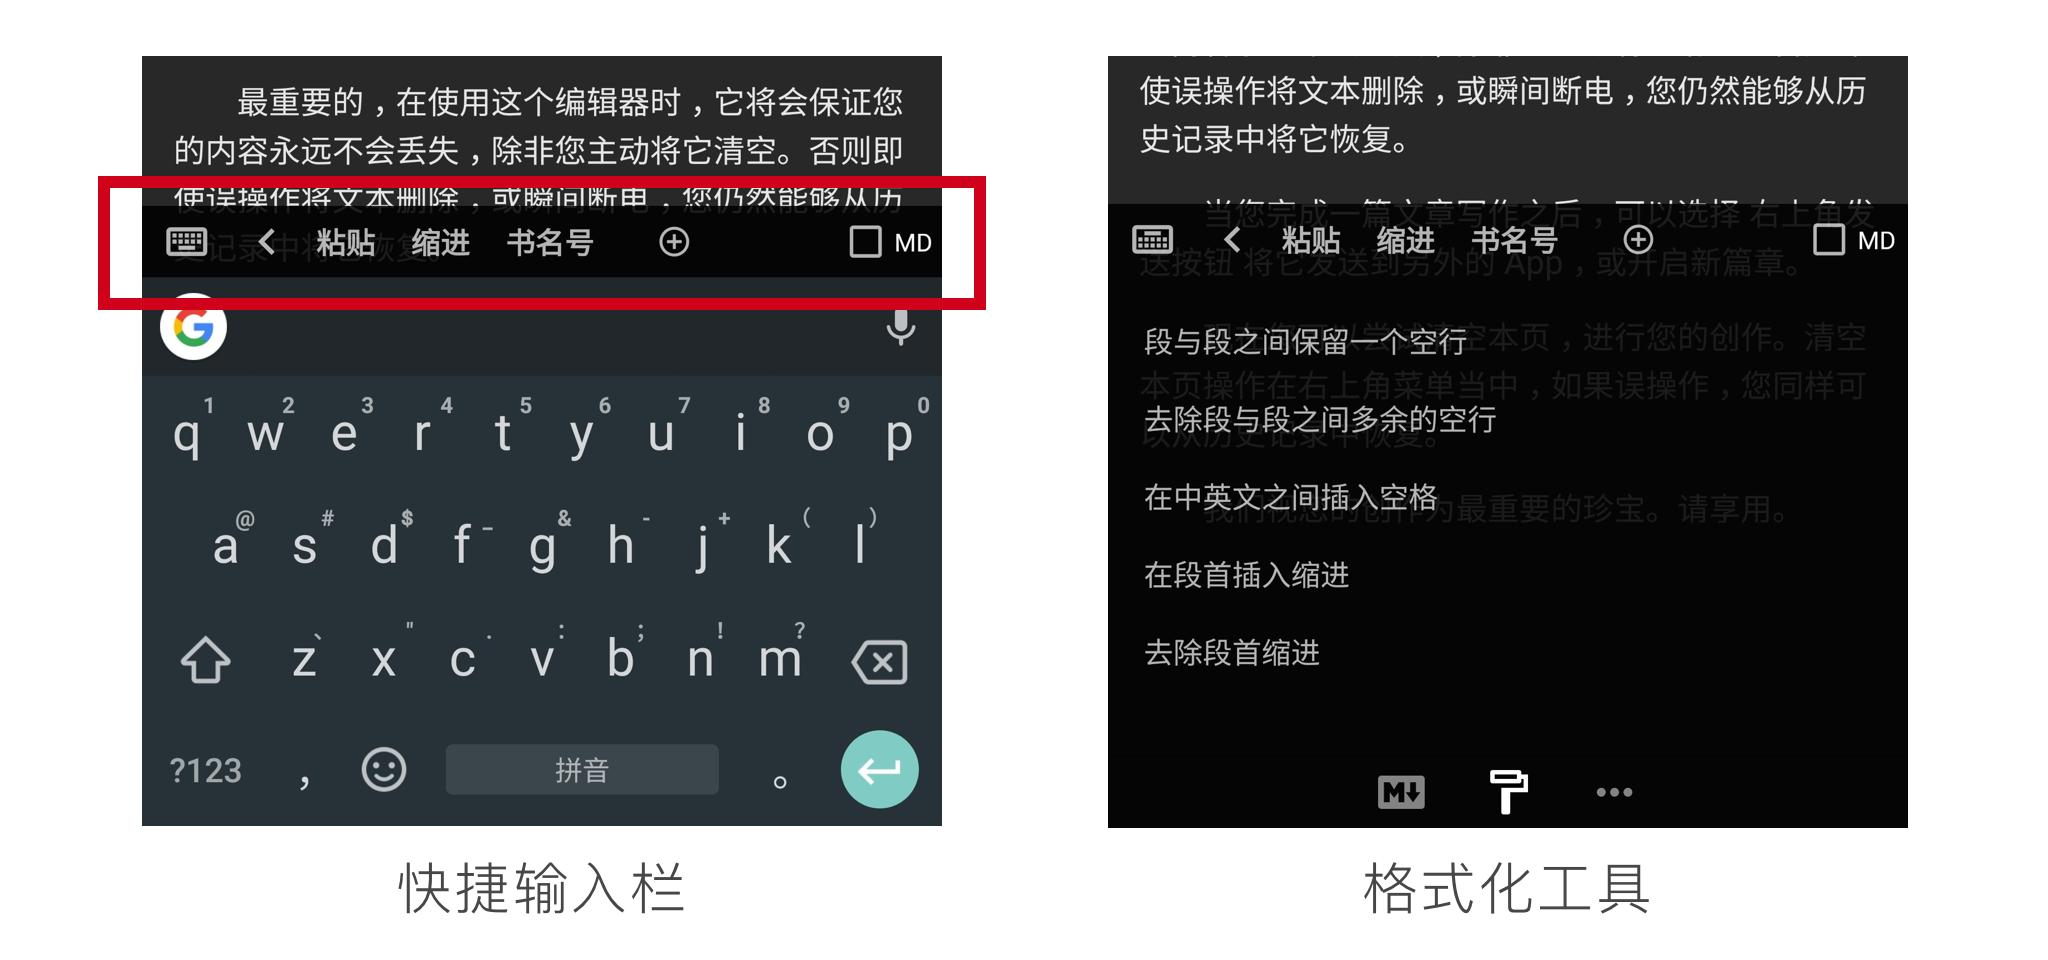 文章配图-快捷输入栏和格式化工具.png